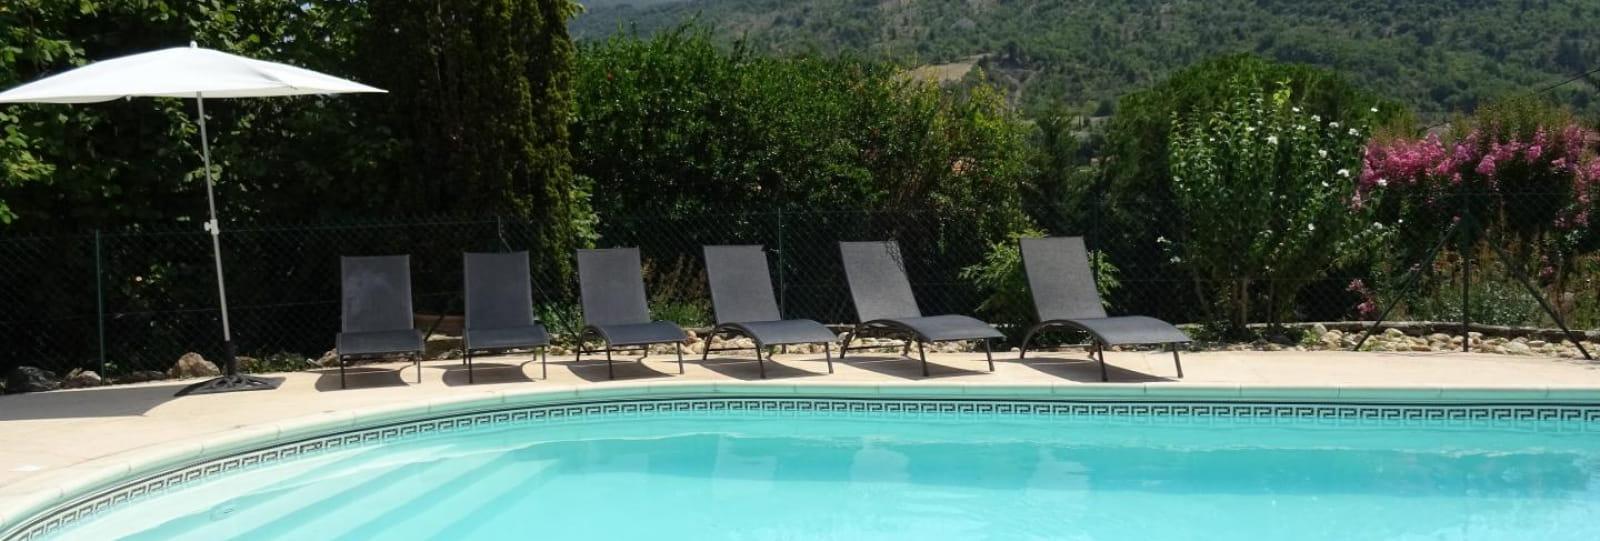 Notre piscine est face au Rocher St Julien